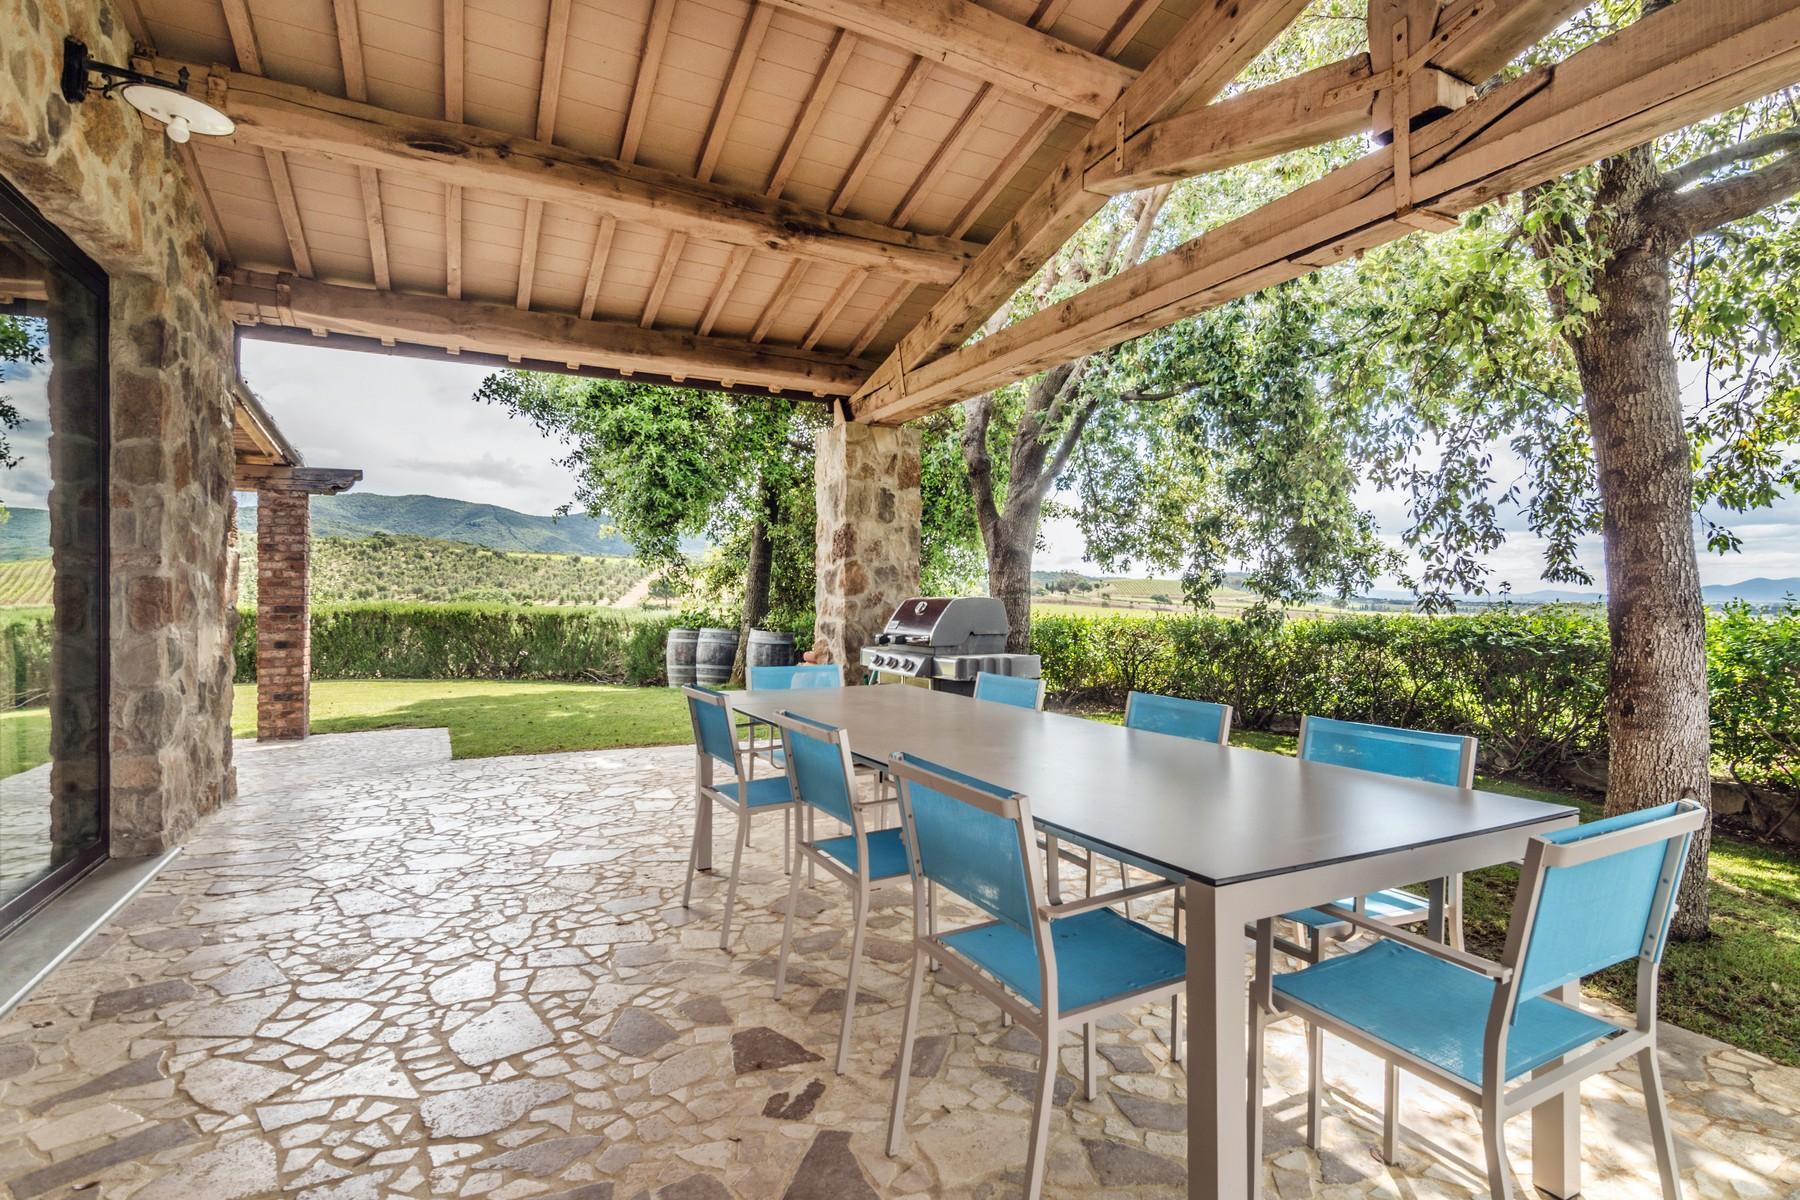 Inspiring tuscan estate with vineyards - 24